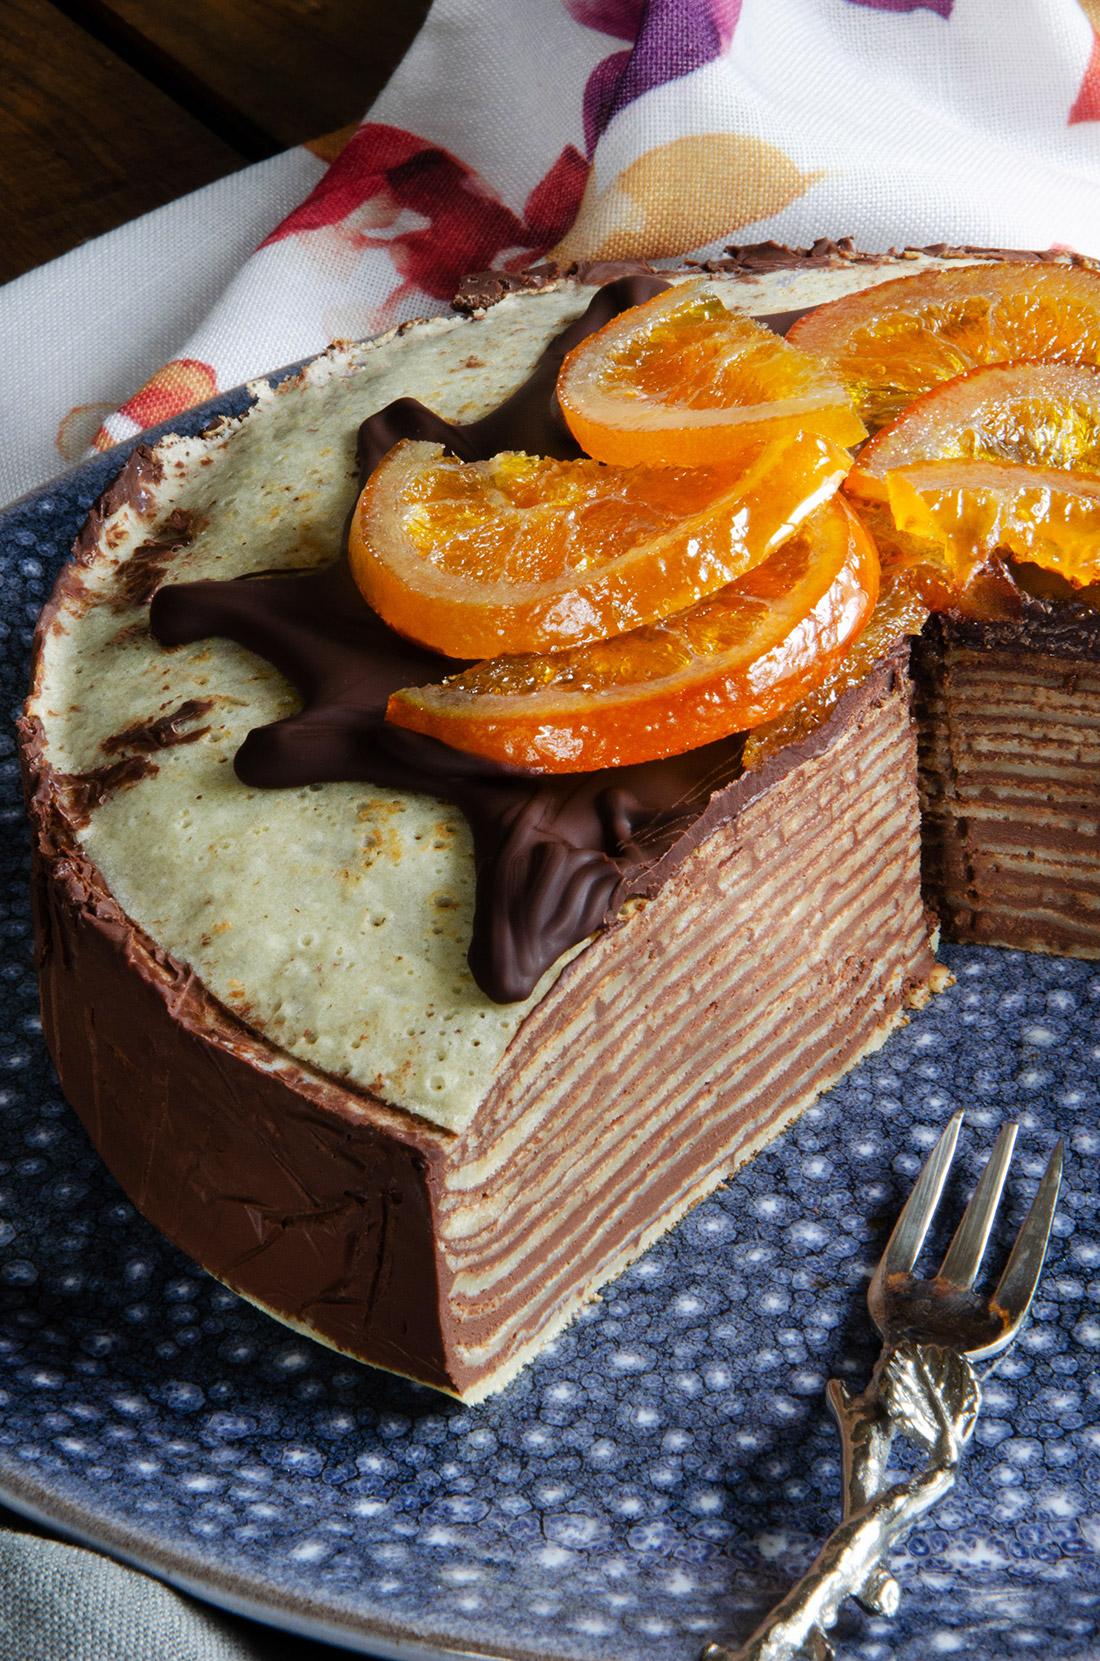 Gâteau de crêpes chocolat orange confite, idée originale pour la Chandeleur